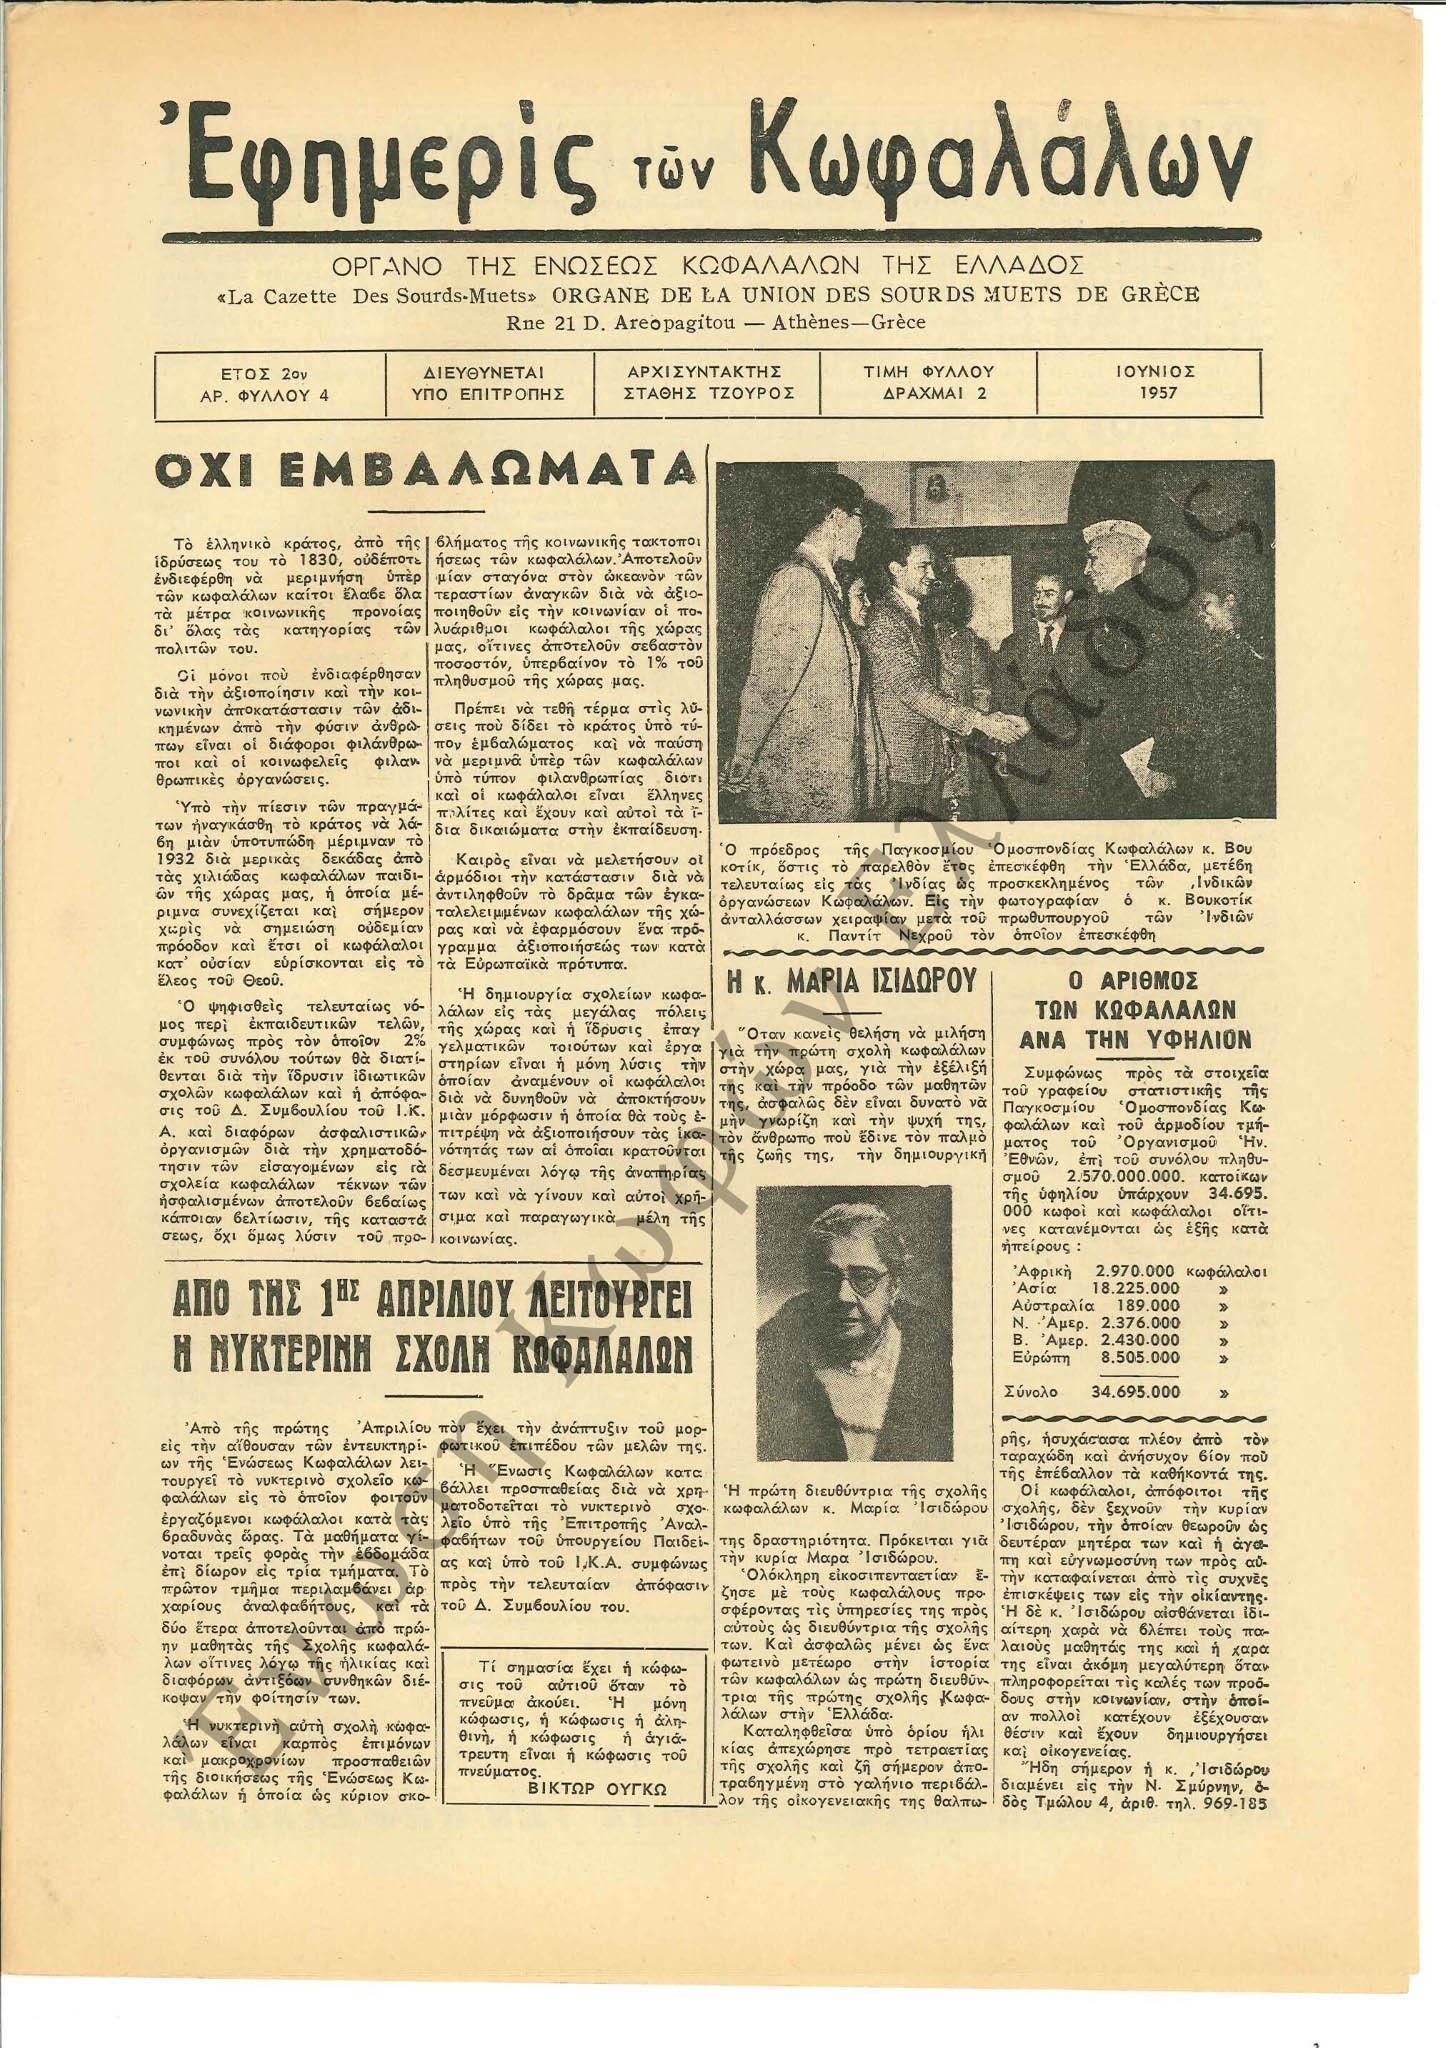 Εφημερίς των Κωφαλάλων 1957-Ιούνιος 1